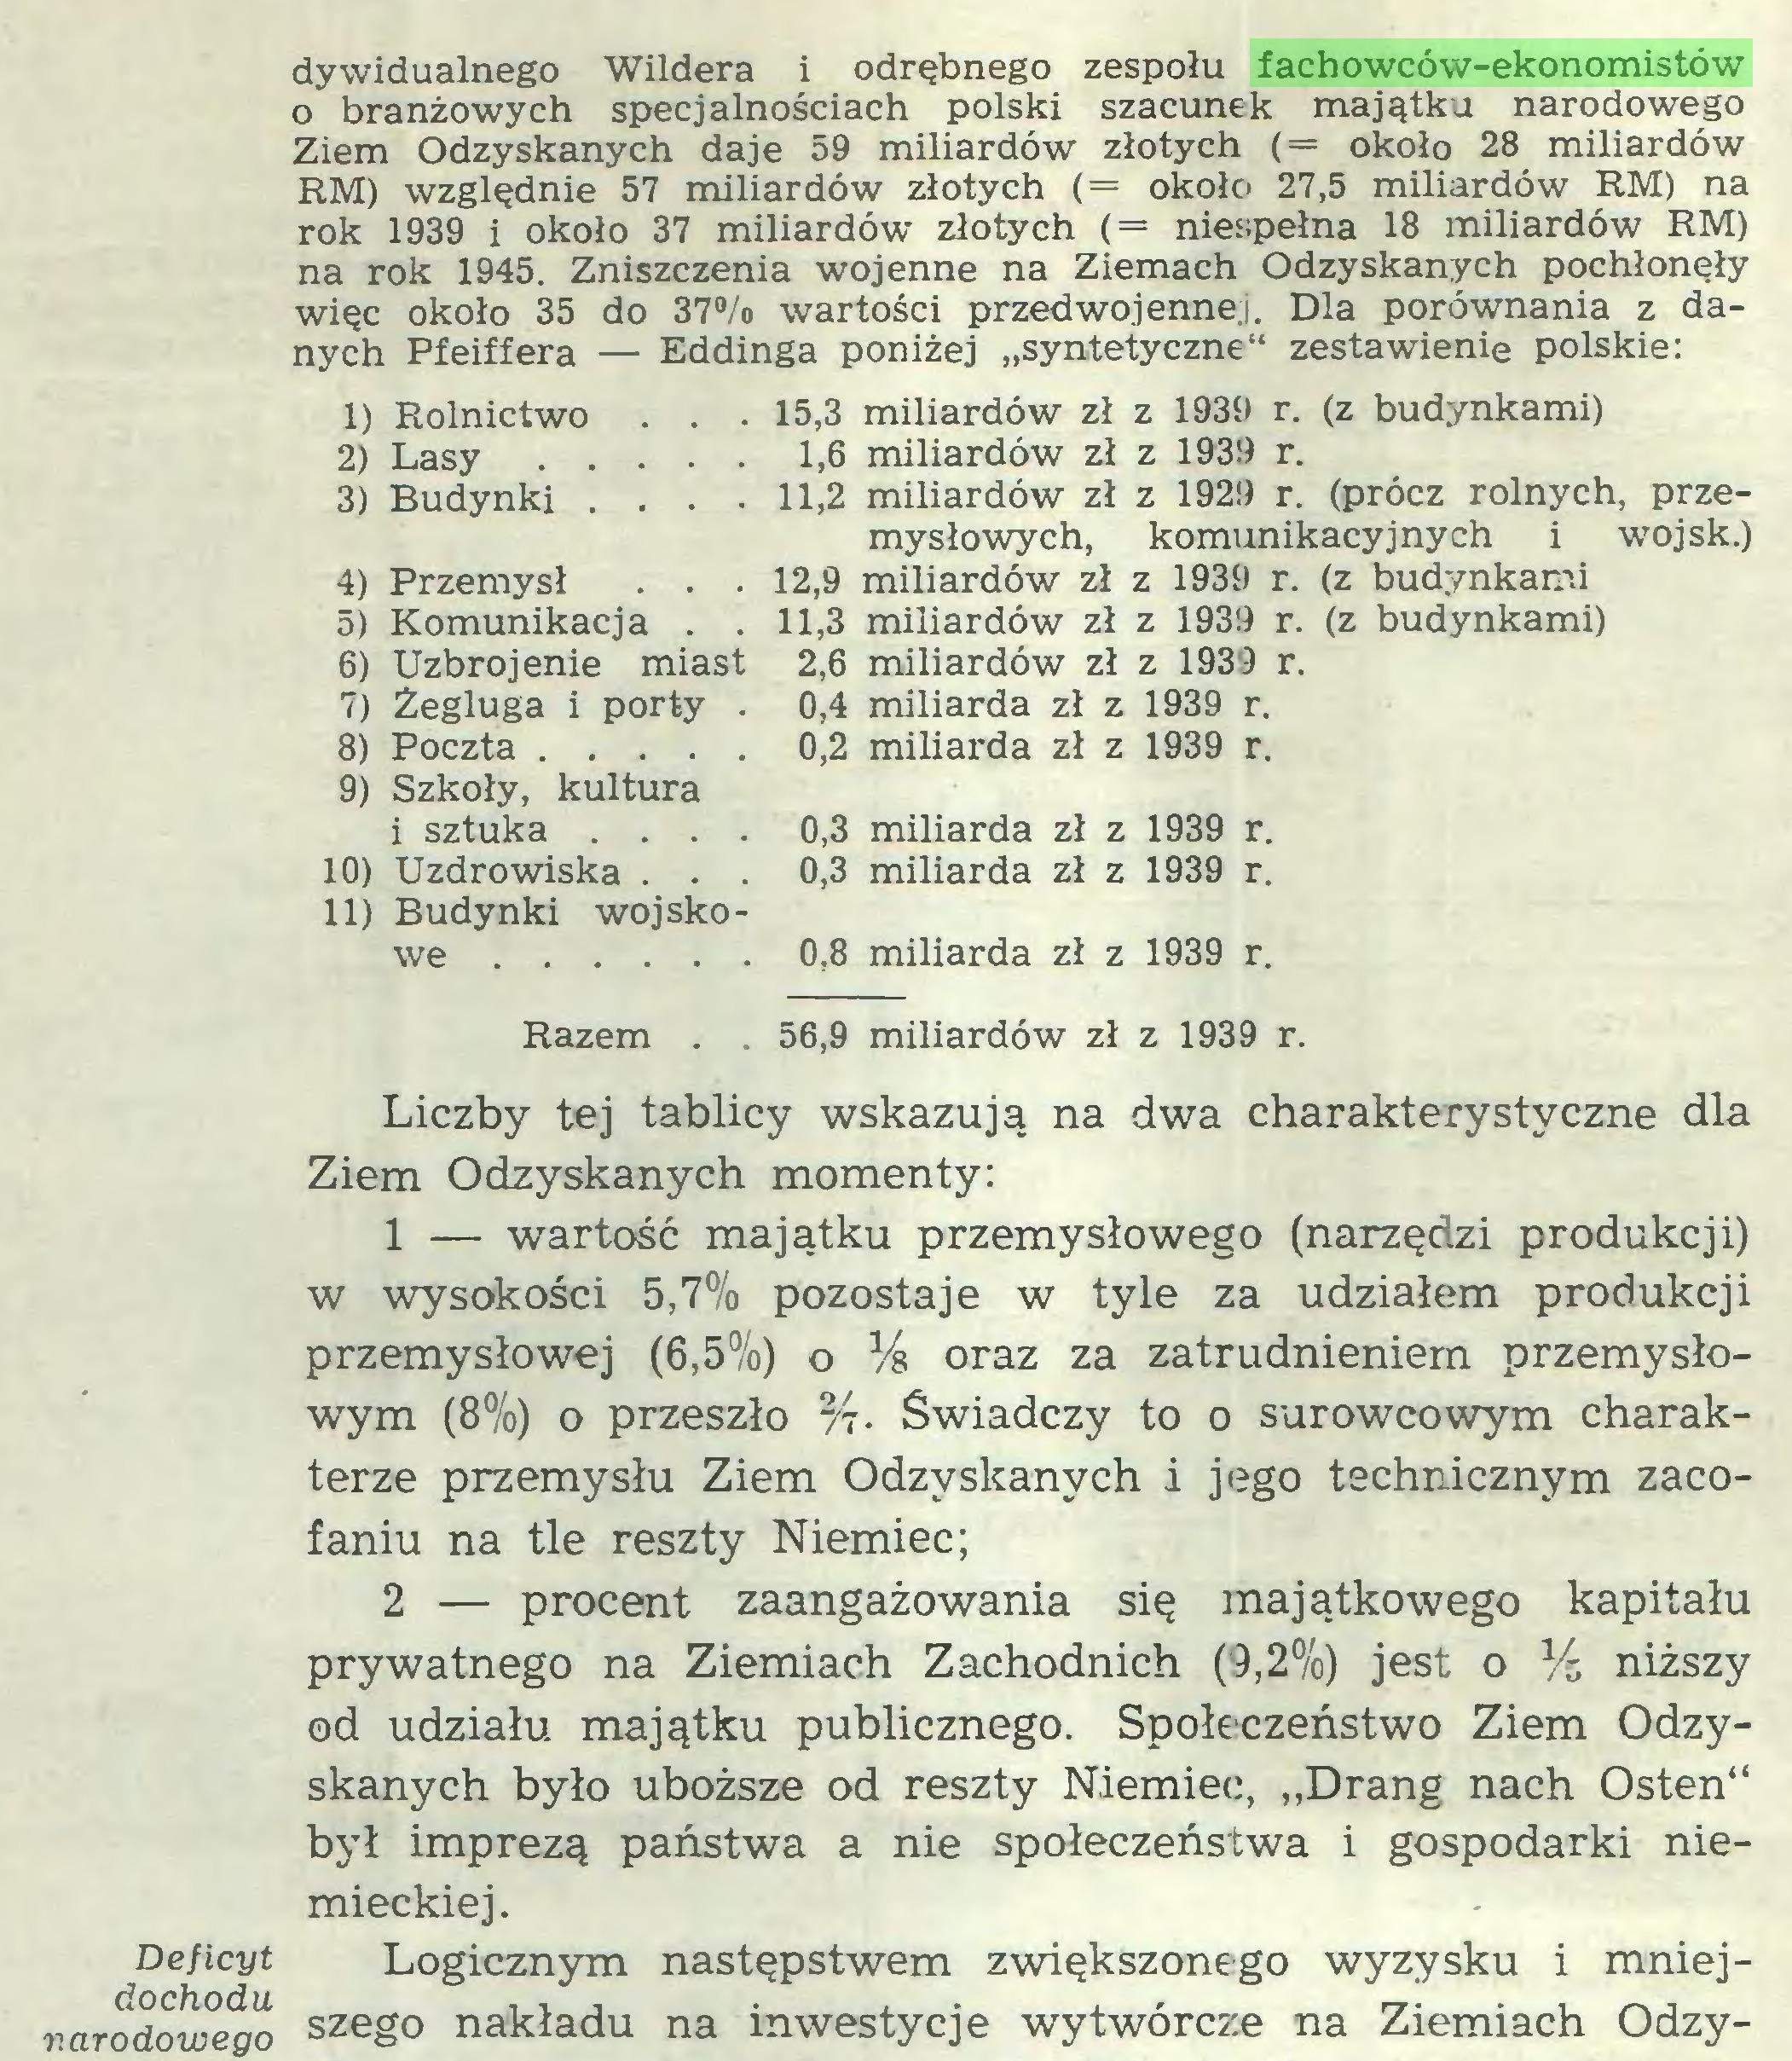 (...) Deficyt dochodu r.arodowego dywidualnego Wildera i odrębnego zespołu fachowców-ekonomistów o branżowych specjalnościach polski szacunek majątku narodowego Ziem Odzyskanych daje 59 miliardów złotych (= około 28 miliardów RM) względnie 57 miliardów złotych (= około 27,5 miliardów RM) na rok 1939 i około 37 miliardów złotych (= niespełna 18 miliardów RM) na rok 1945. Zniszczenia wojenne na Ziemach Odzyskanych pochłonęły...